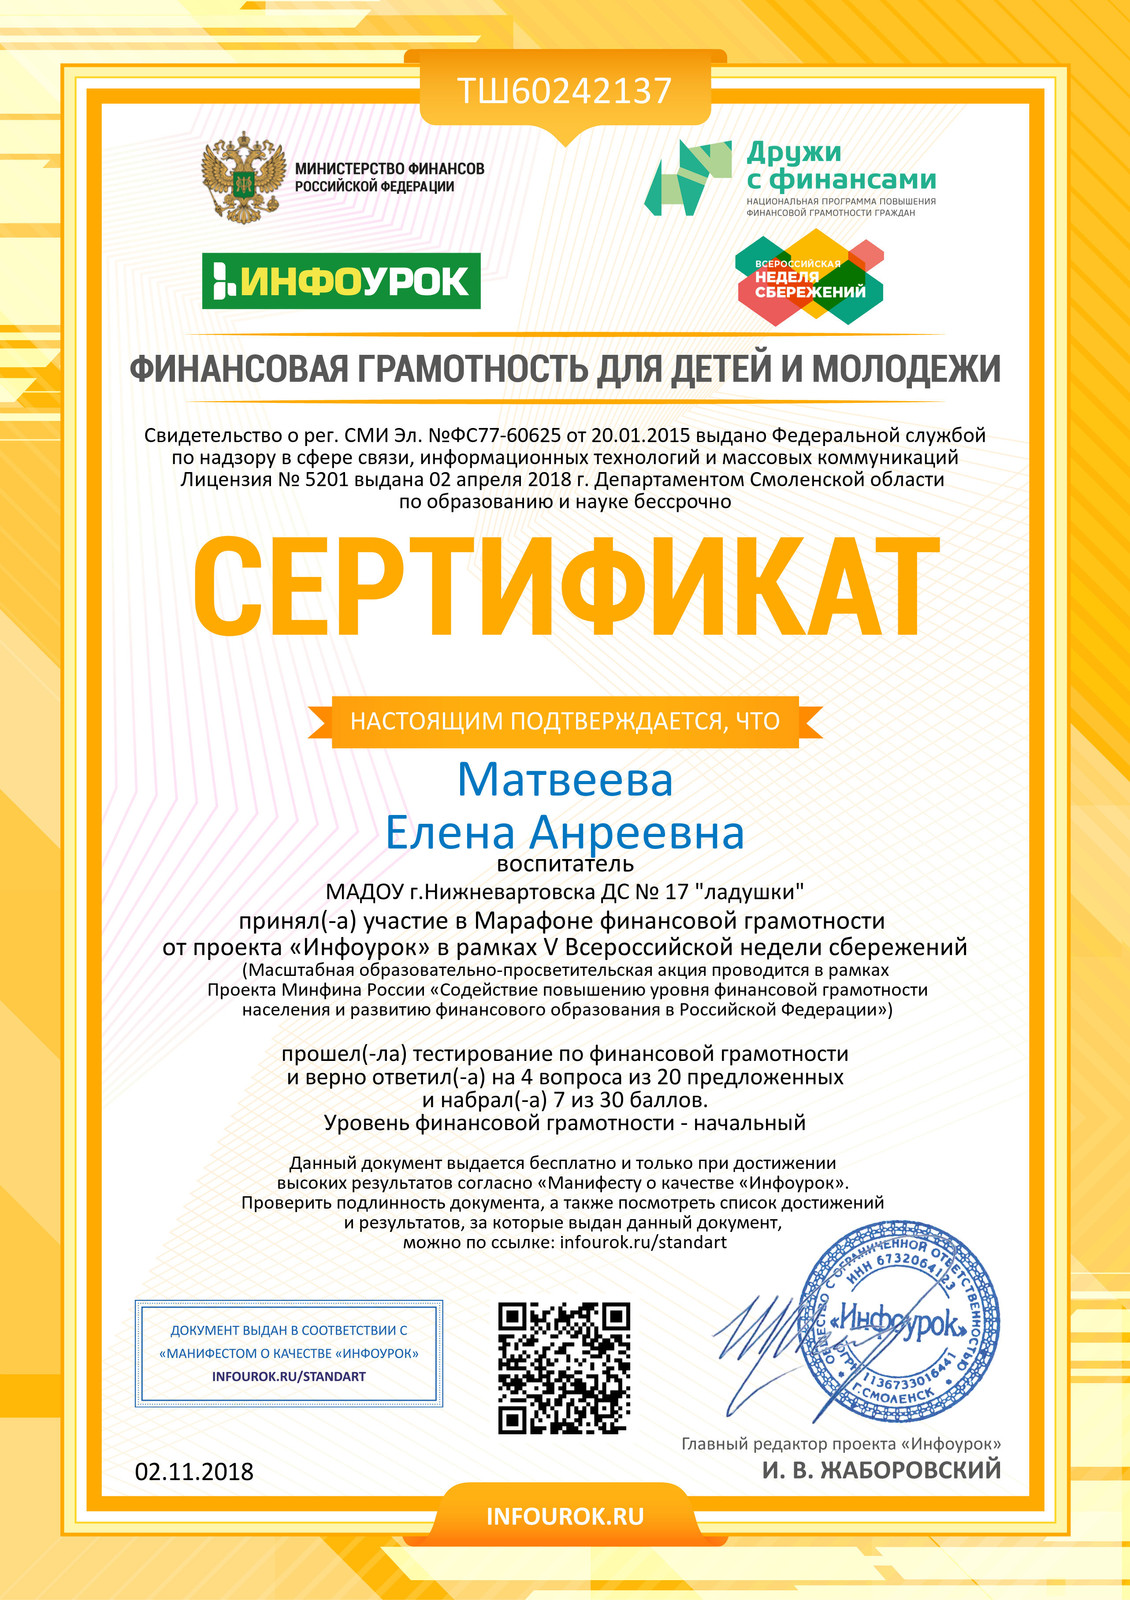 V infourok ru woocommerce price